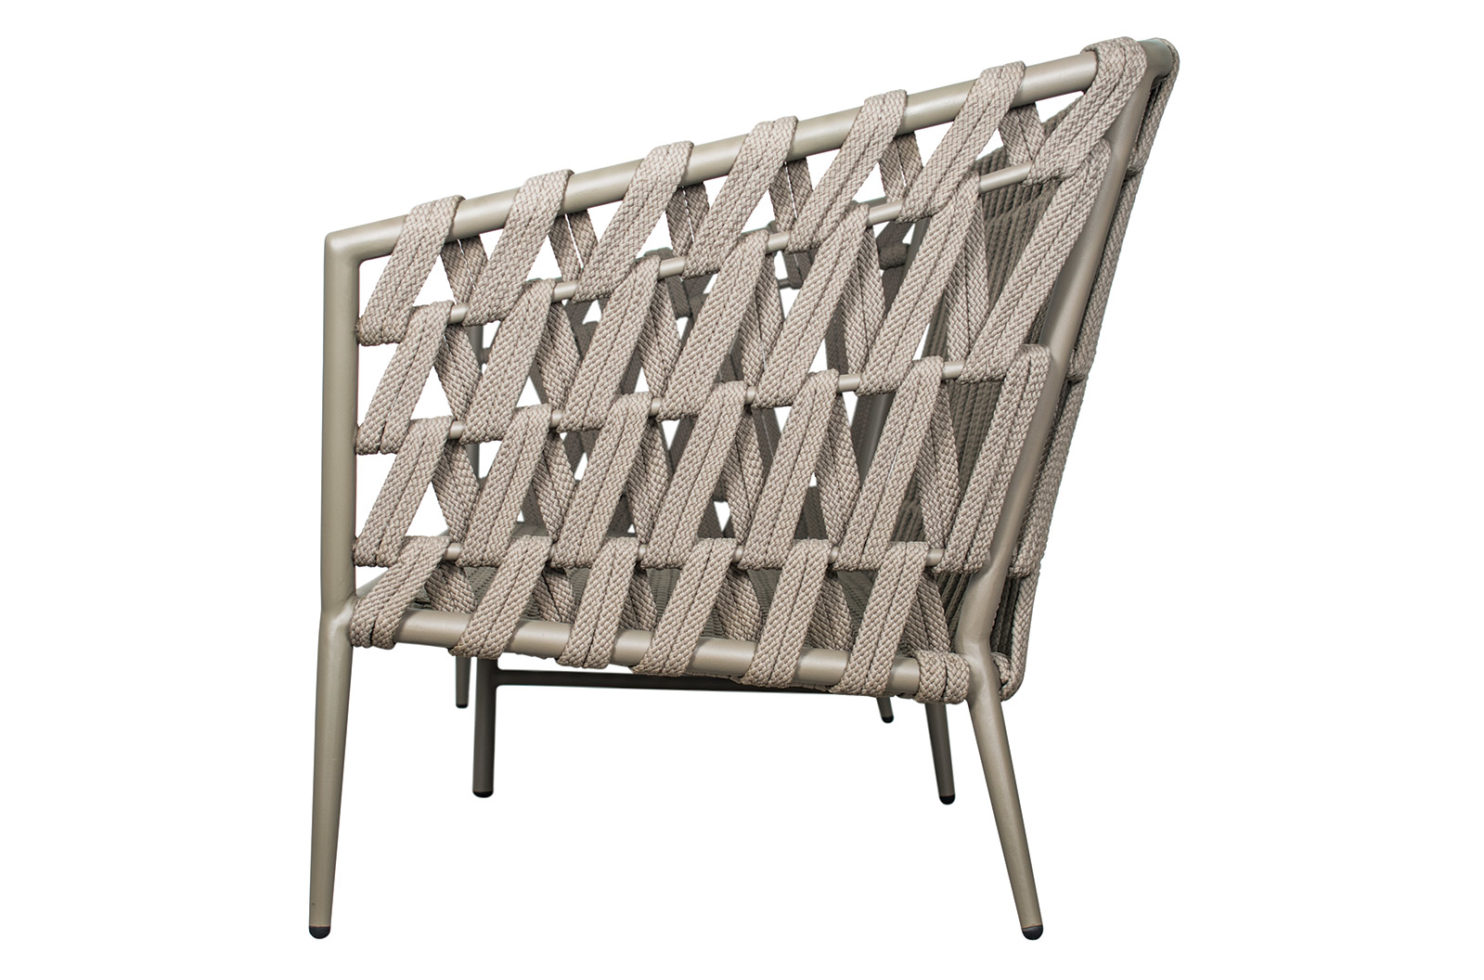 Archipelago andaman sofa 620FT066P2LGT frame 1 side